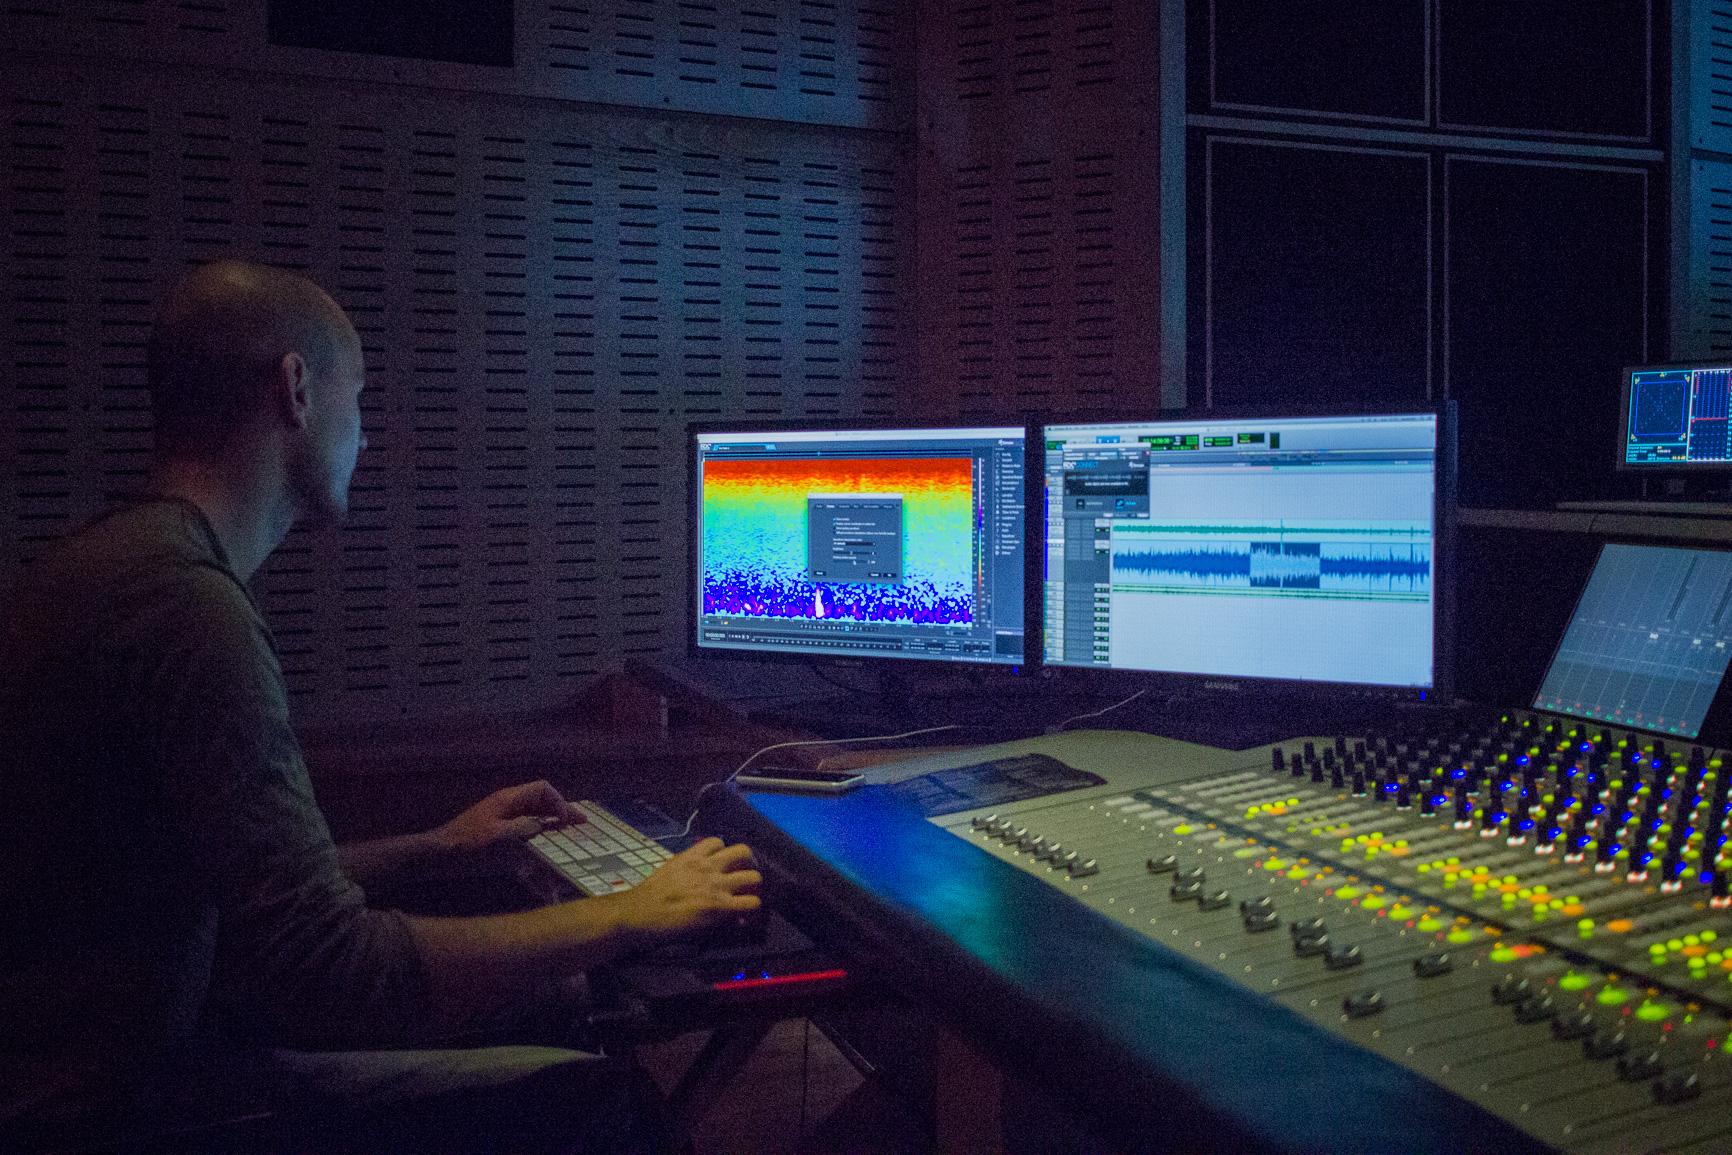 Editing, Audiosculpt